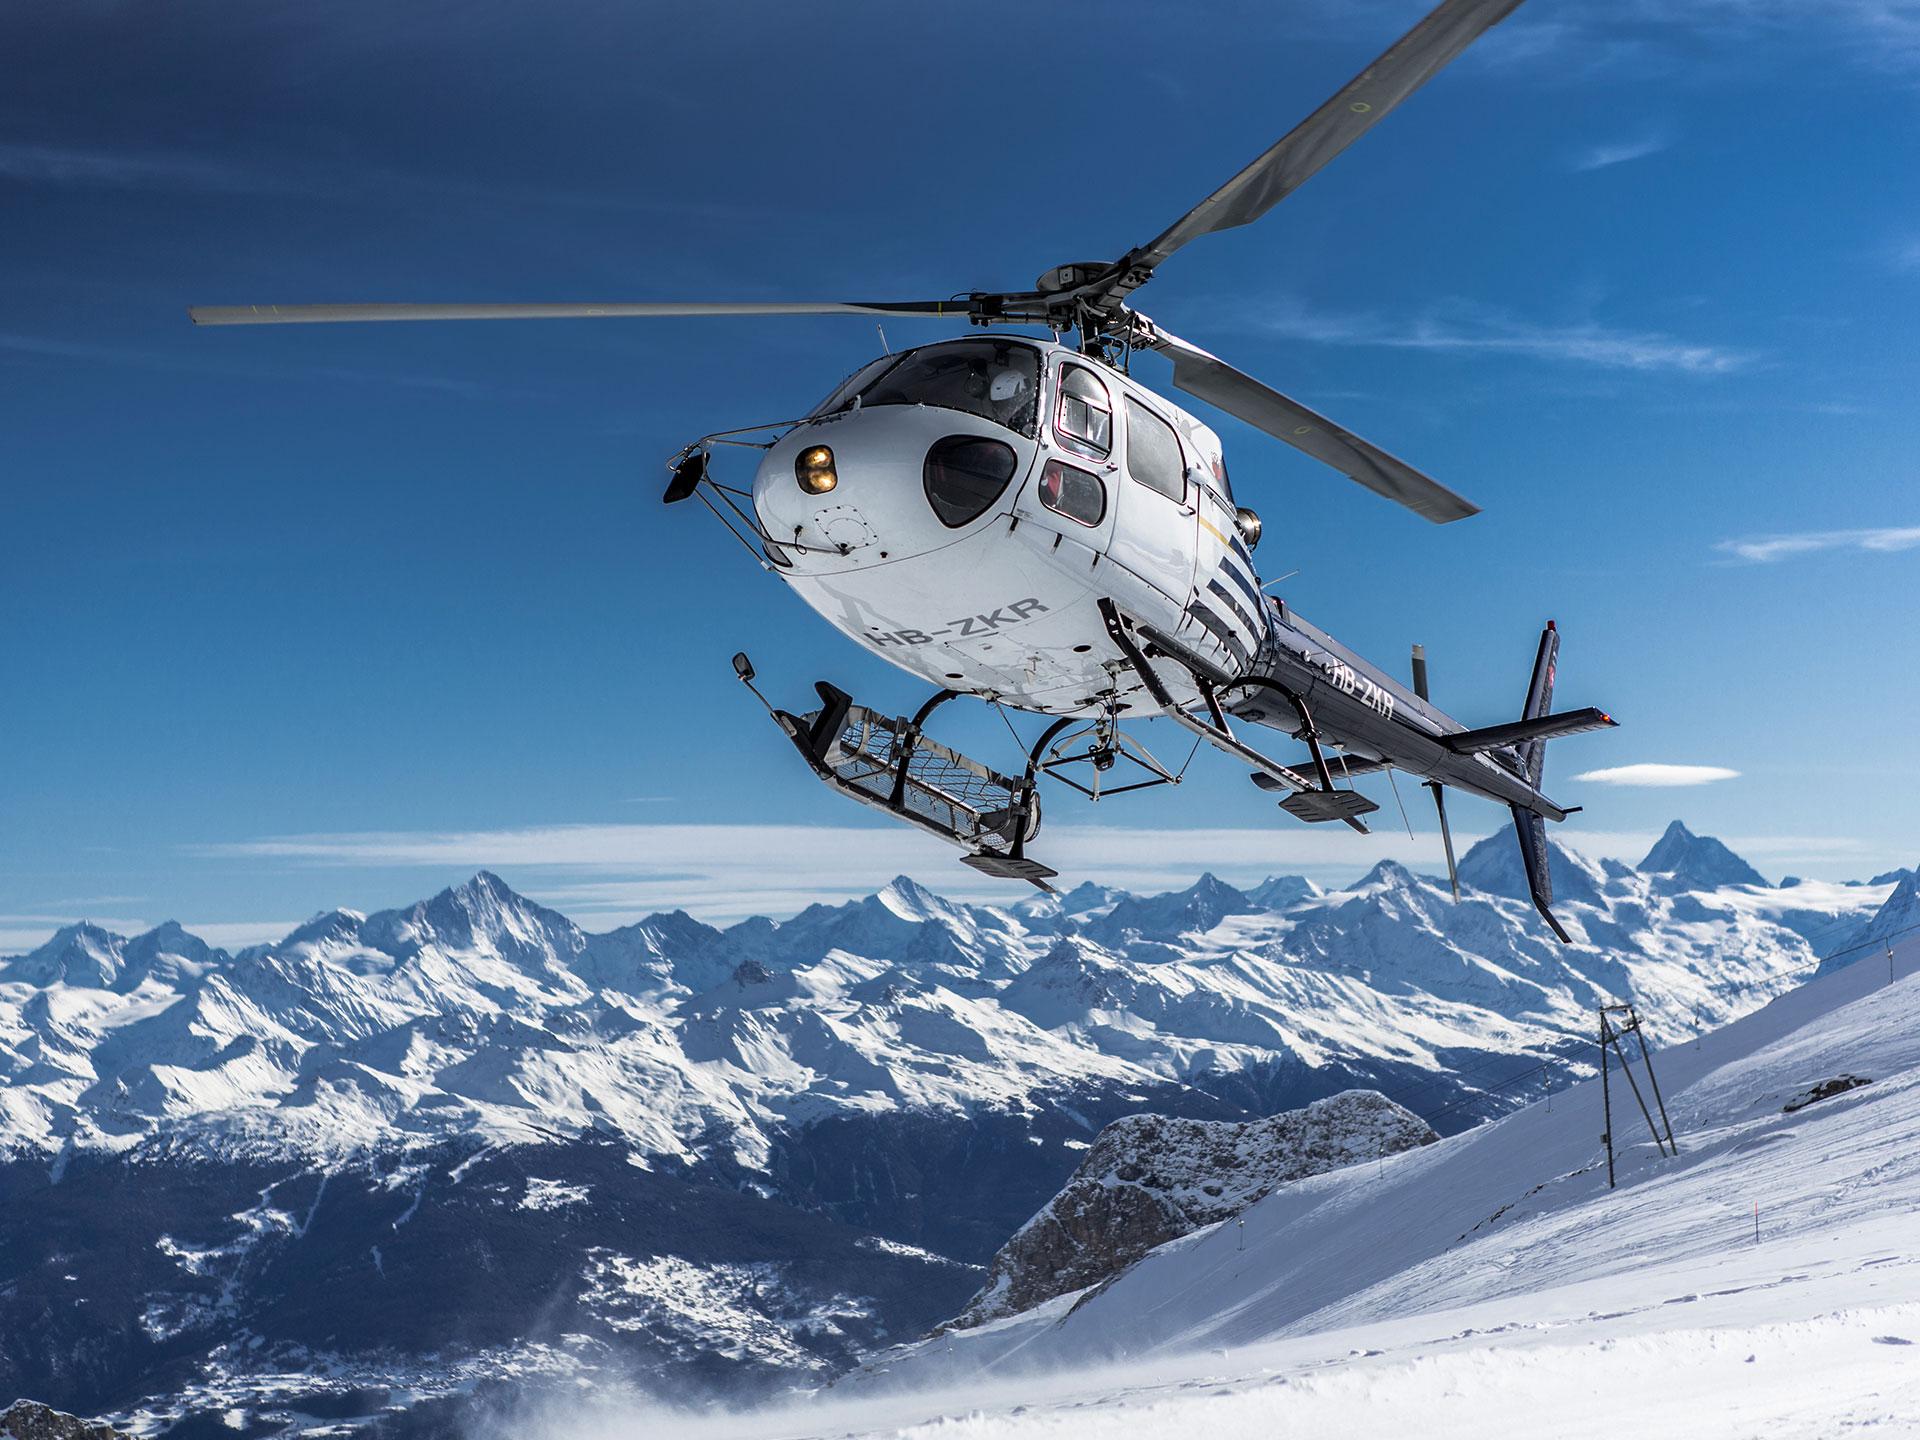 Banner-heli-lausanne-helicoptere-tarif-bapteme-de-l-air-taxi-pilotage-suisse-helicoptere-ecole-apprendre-1